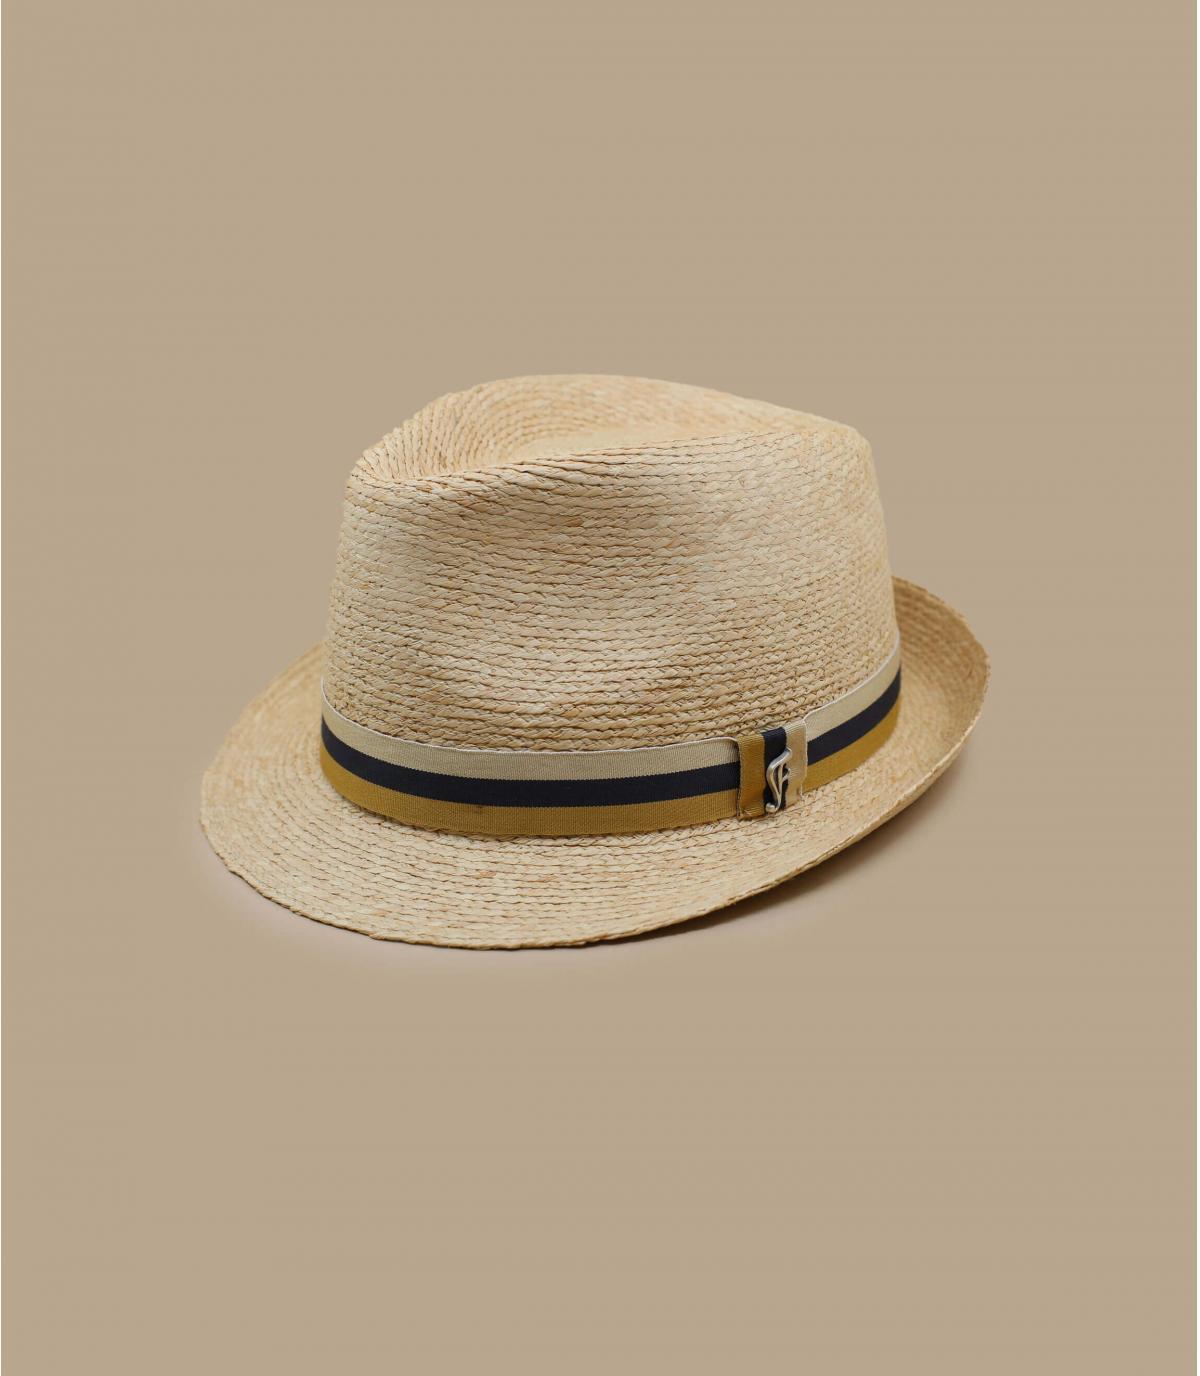 Fléchet straw hat